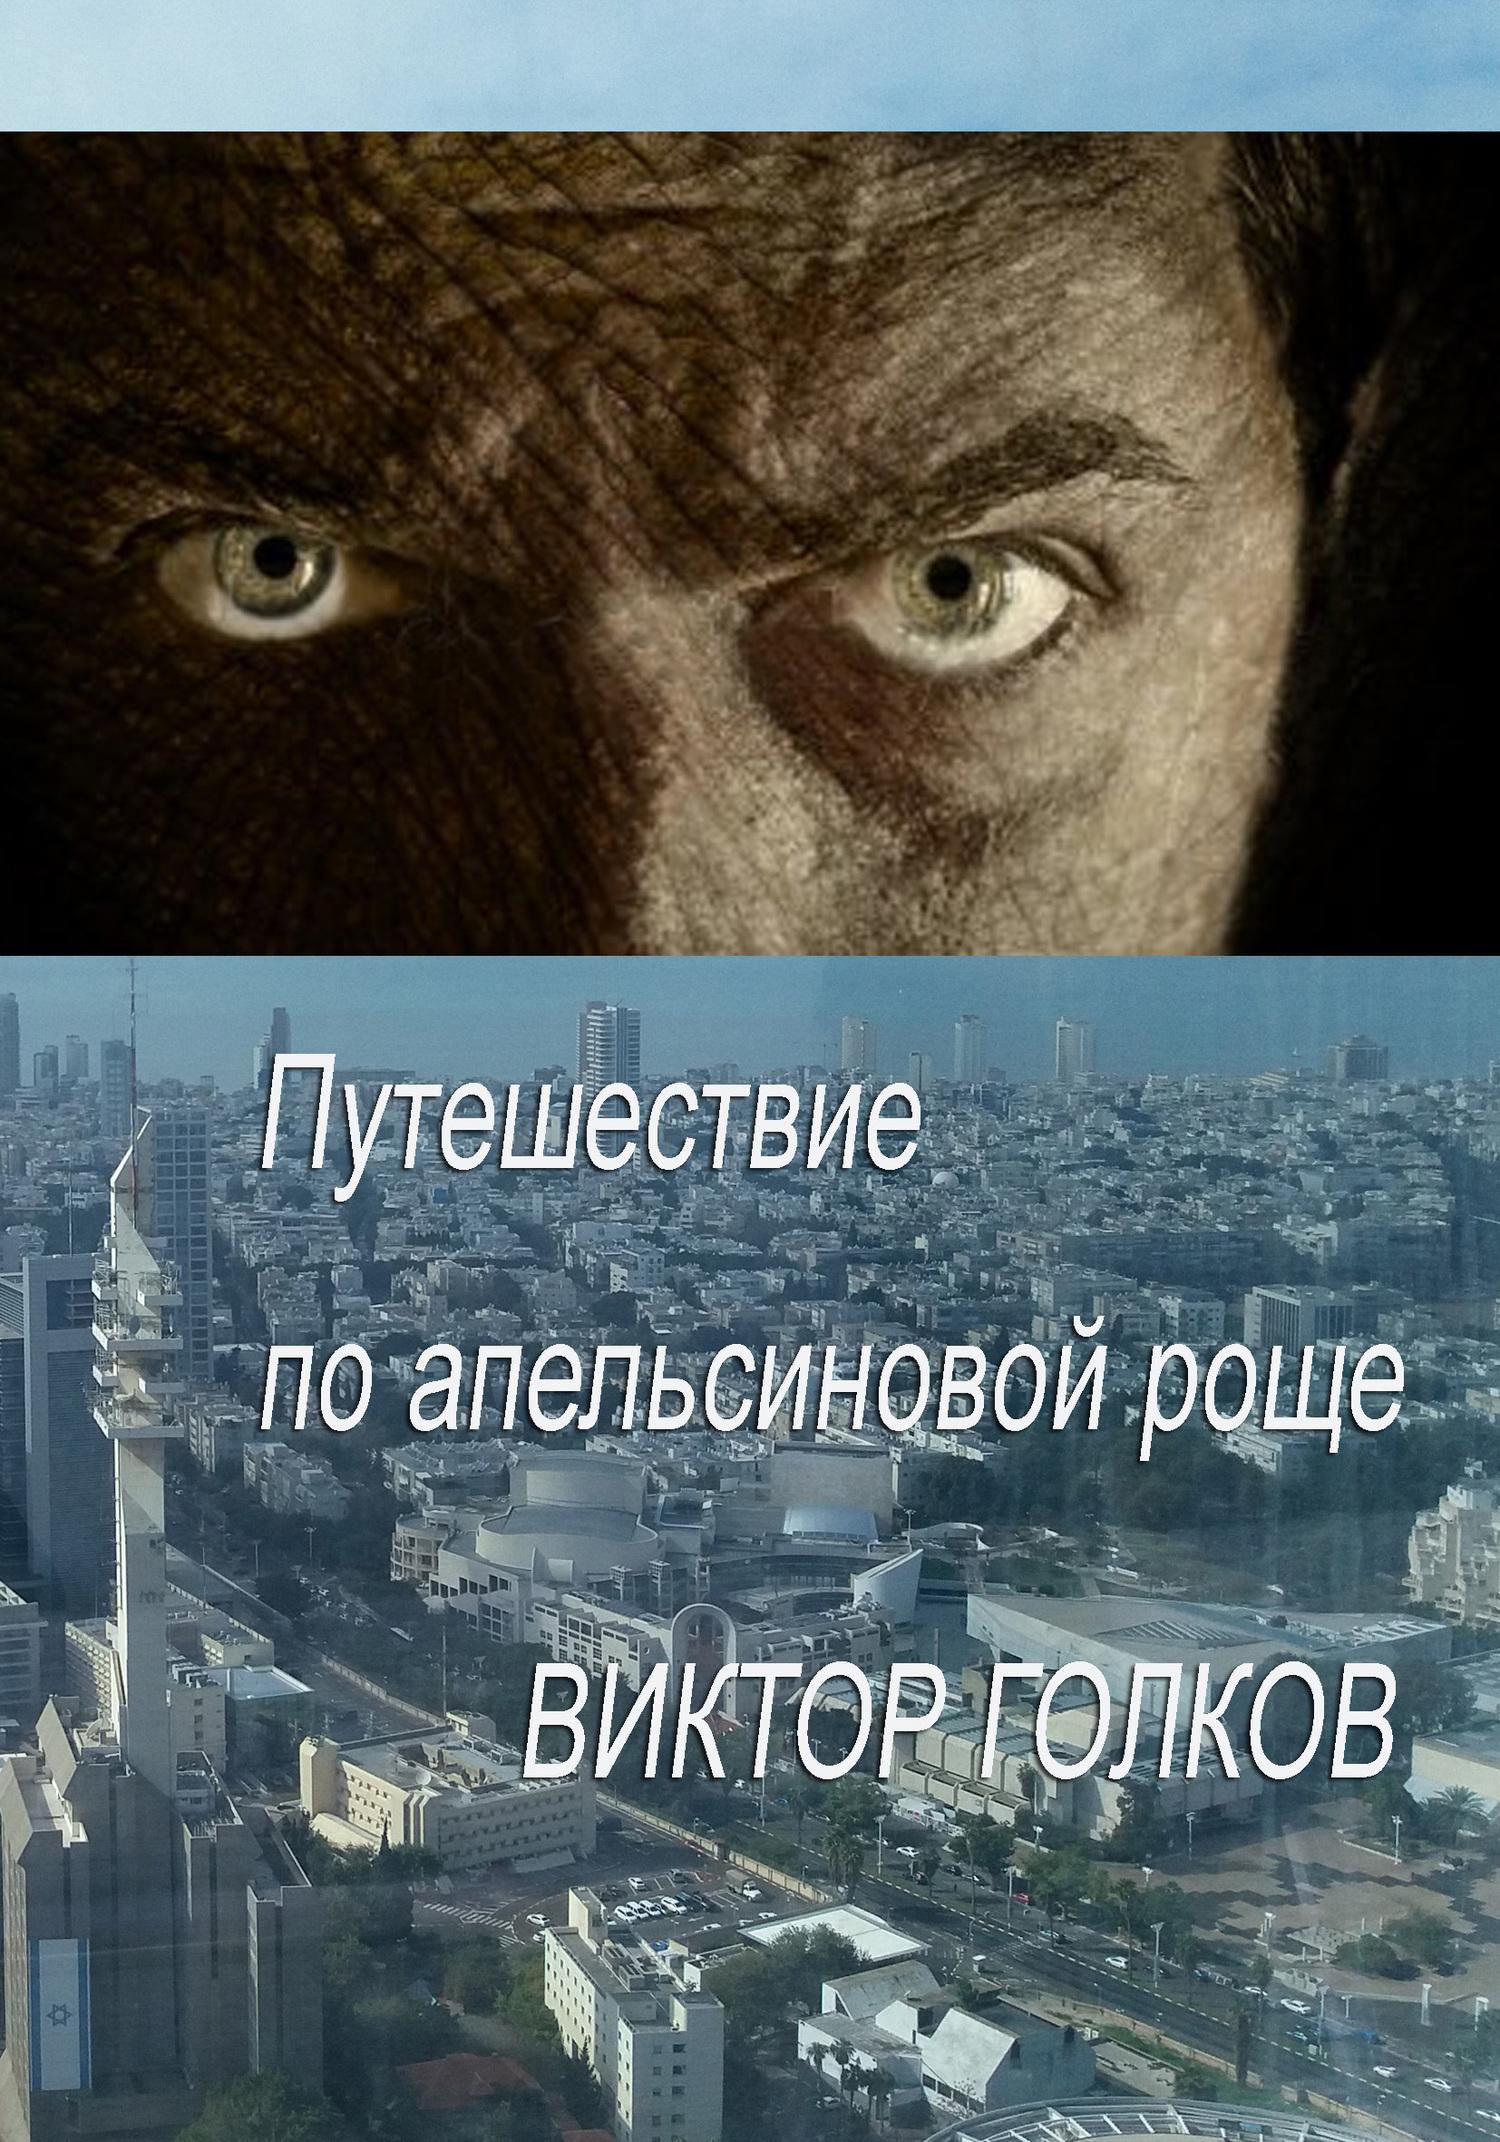 Обложка книги Путешествие по апельсиновой роще, автор Виктор Голков